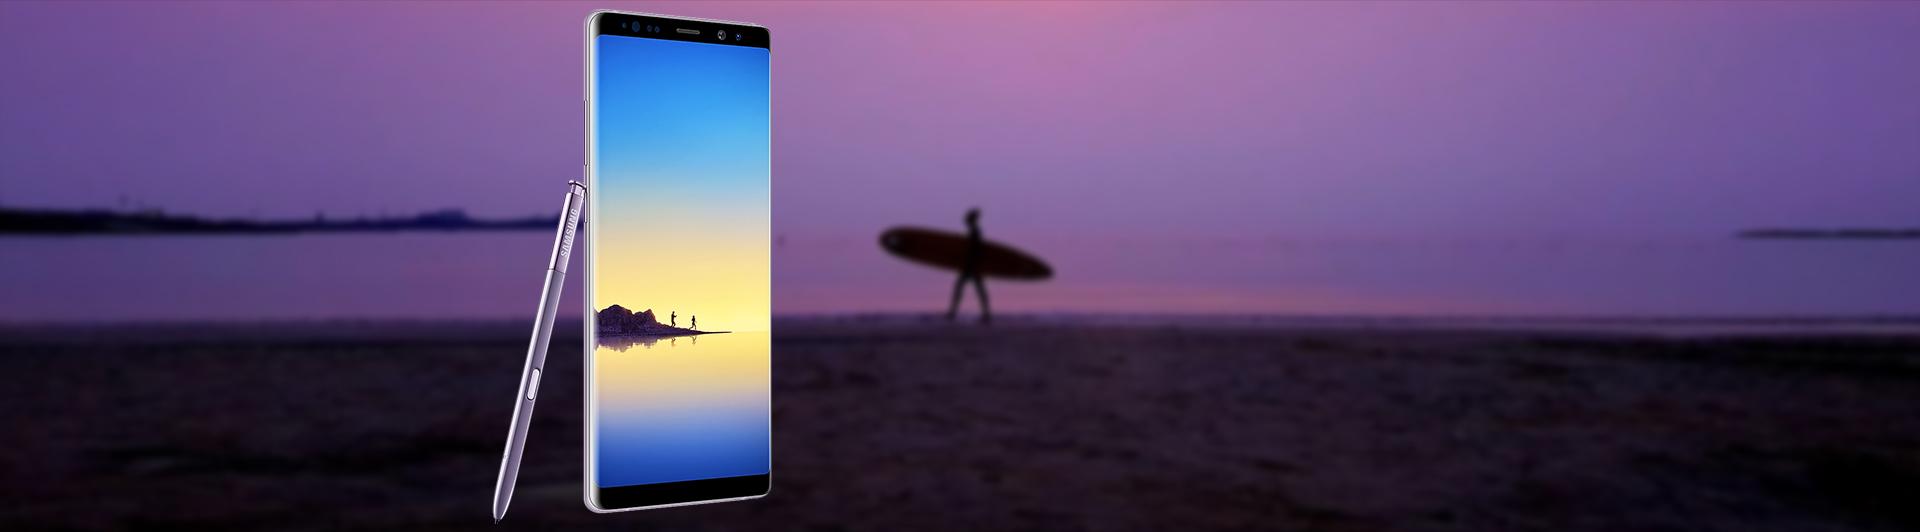 Điện thoại di động Samsung Galaxy Note 8 tím (SM-N950F/DS) góc nghiêng